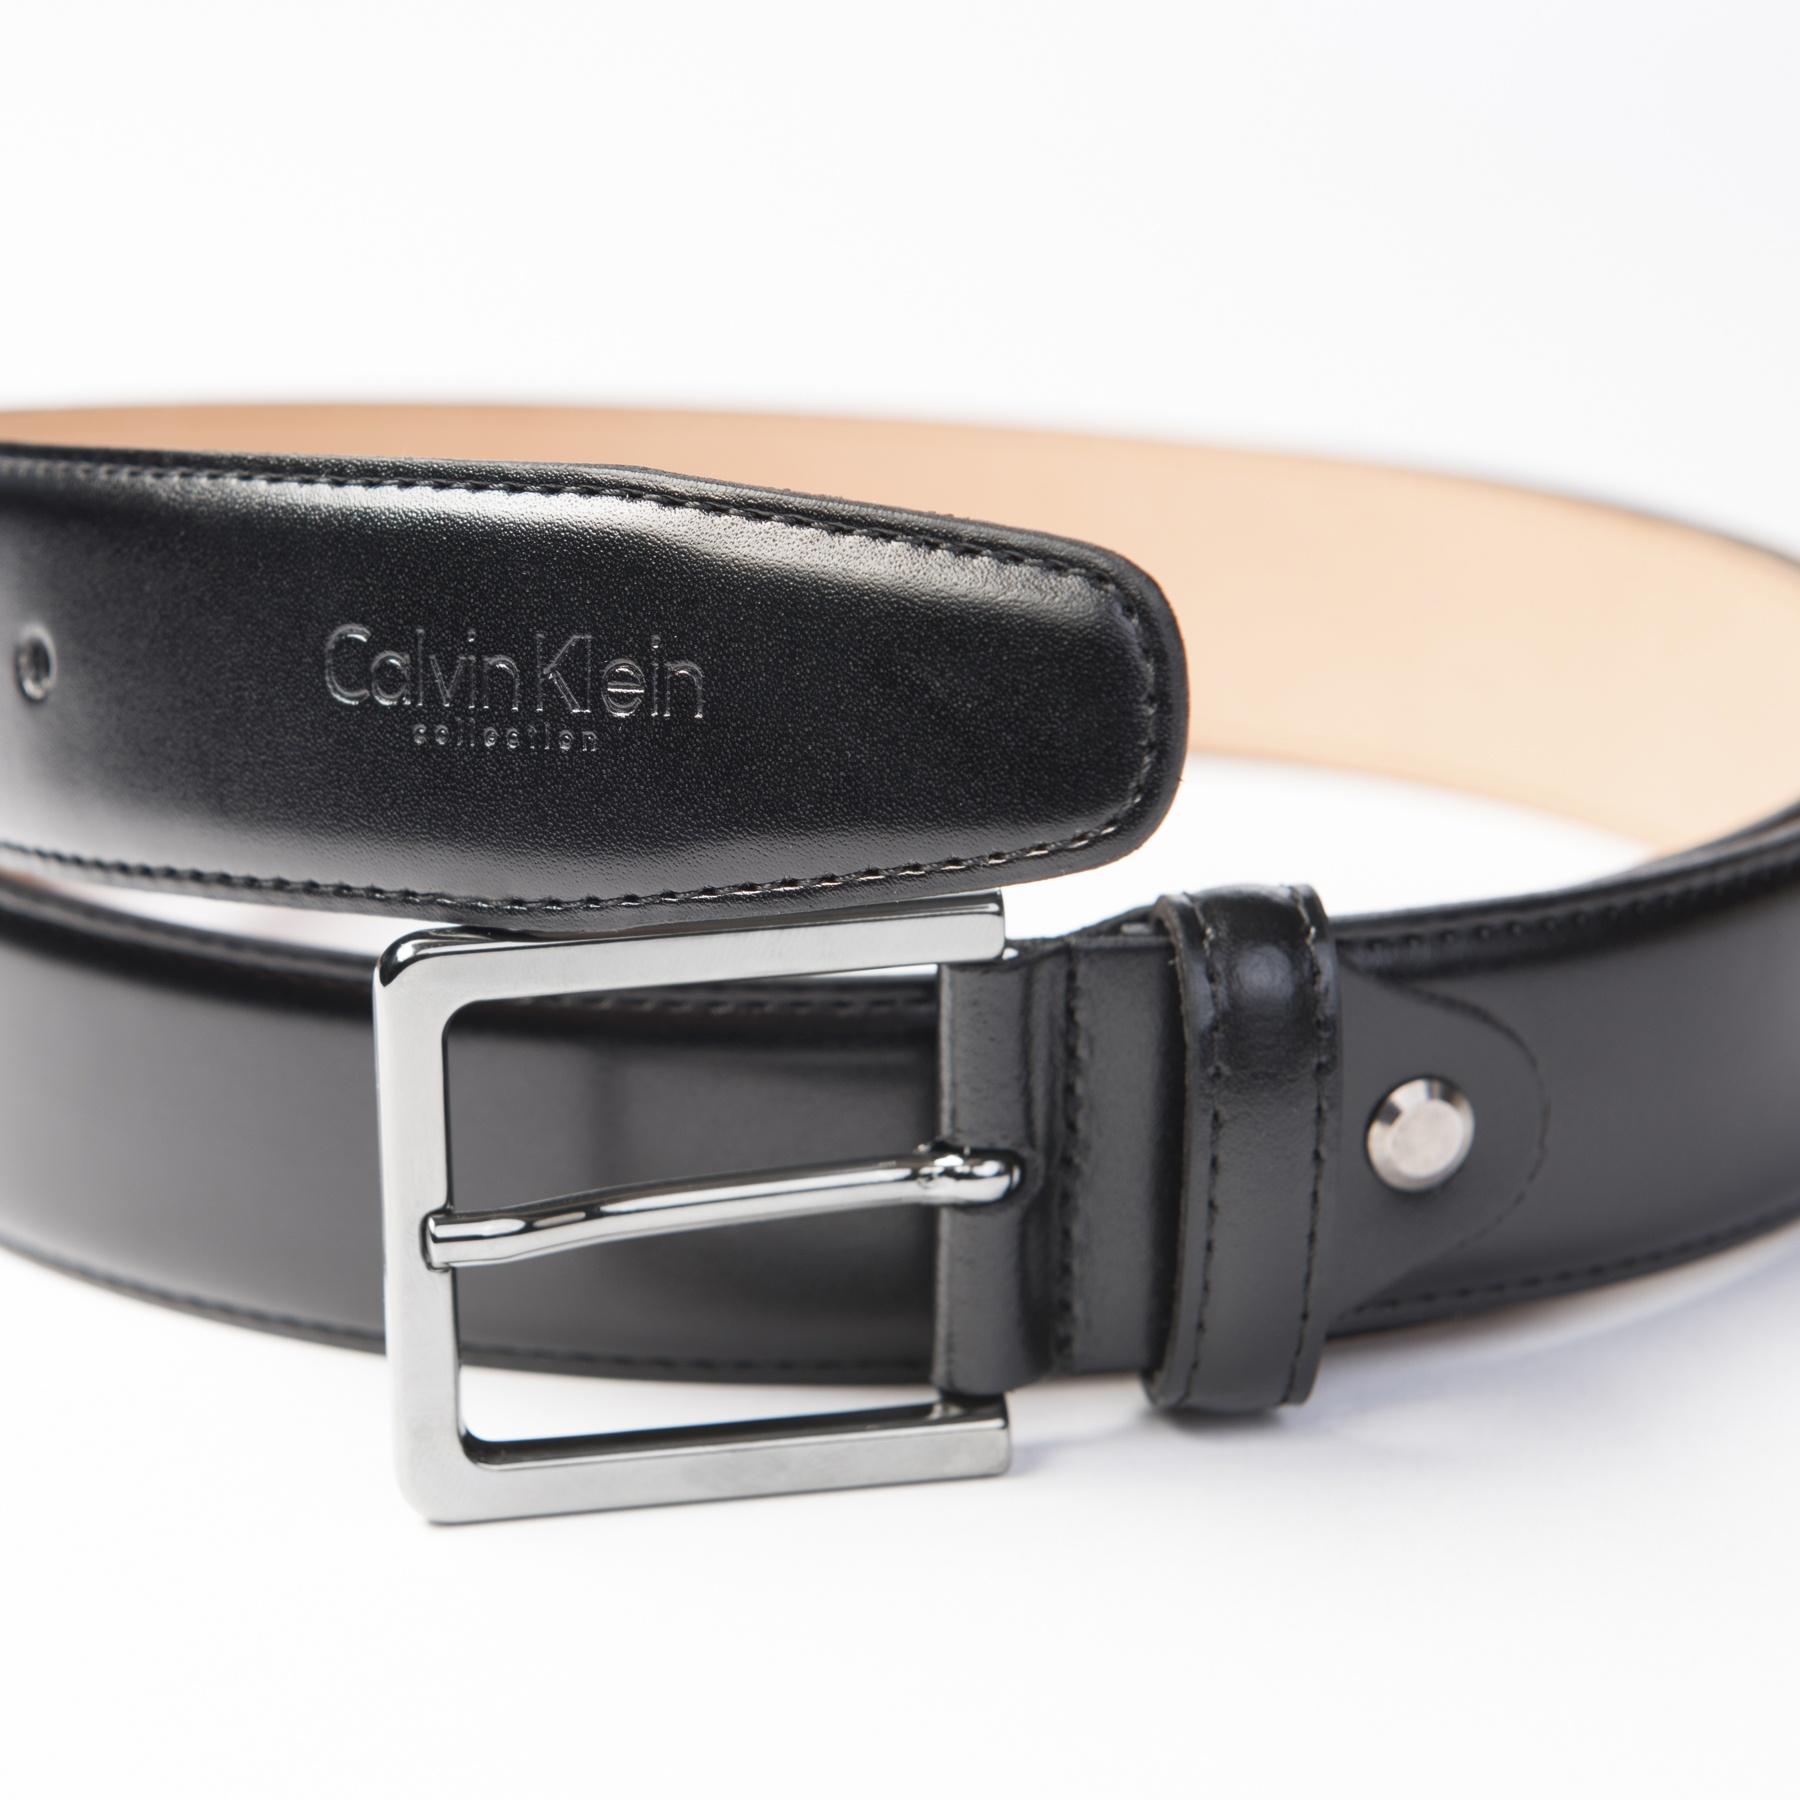 68eeb4116991 Calvin Klein Pánský opasek X086 - Svět trampolín